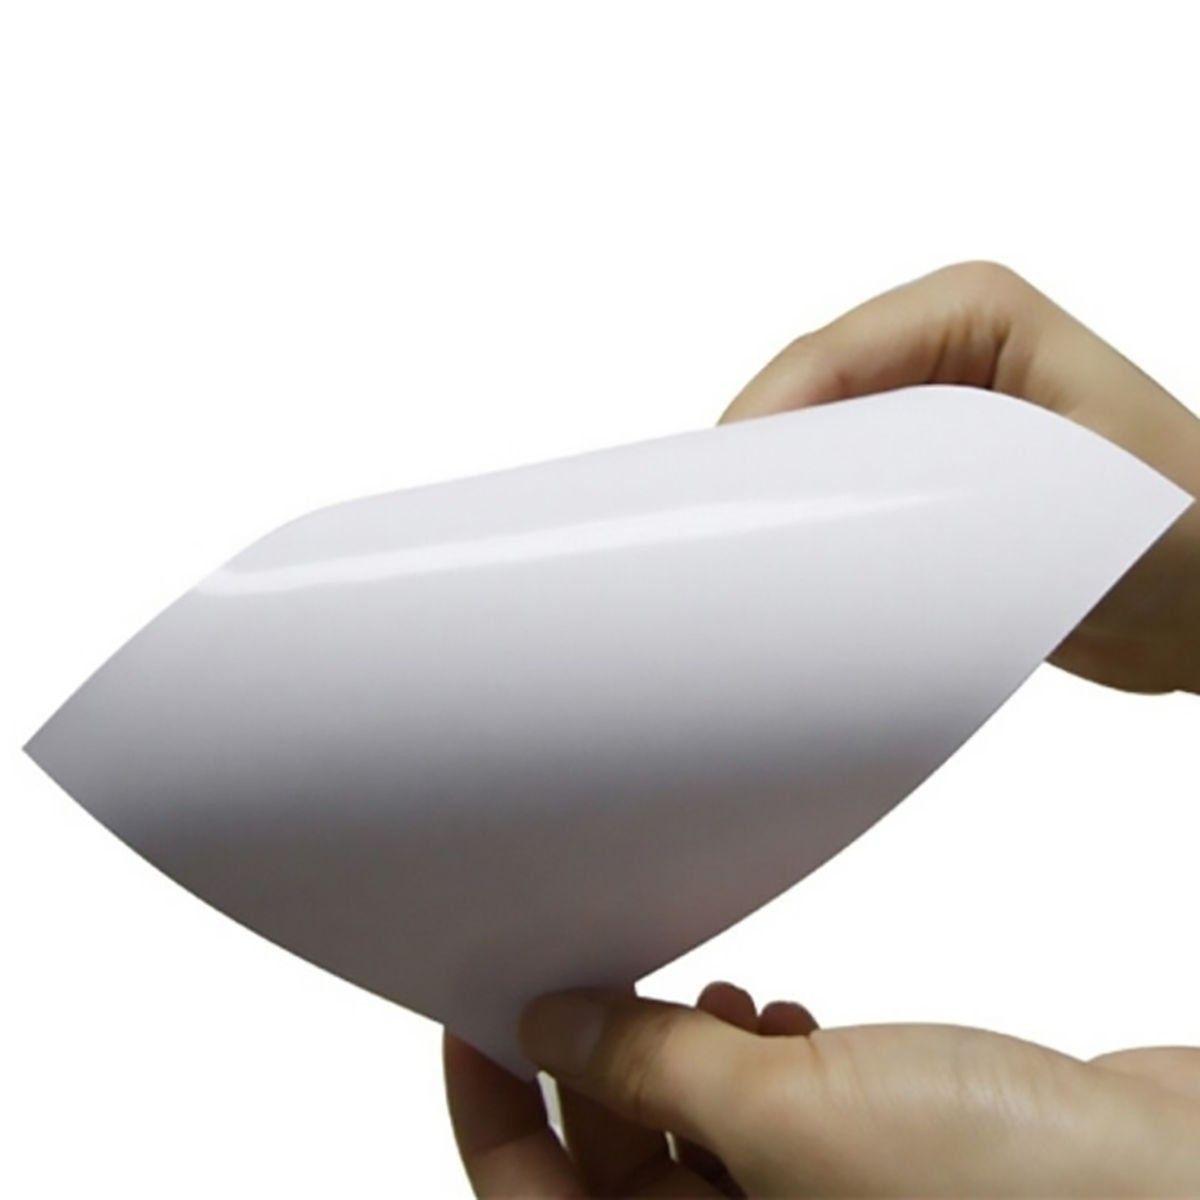 Papel Fotográfico Adesivo Glossy A4 130g Branco Brilhante Resistente à Água / 200 folhas